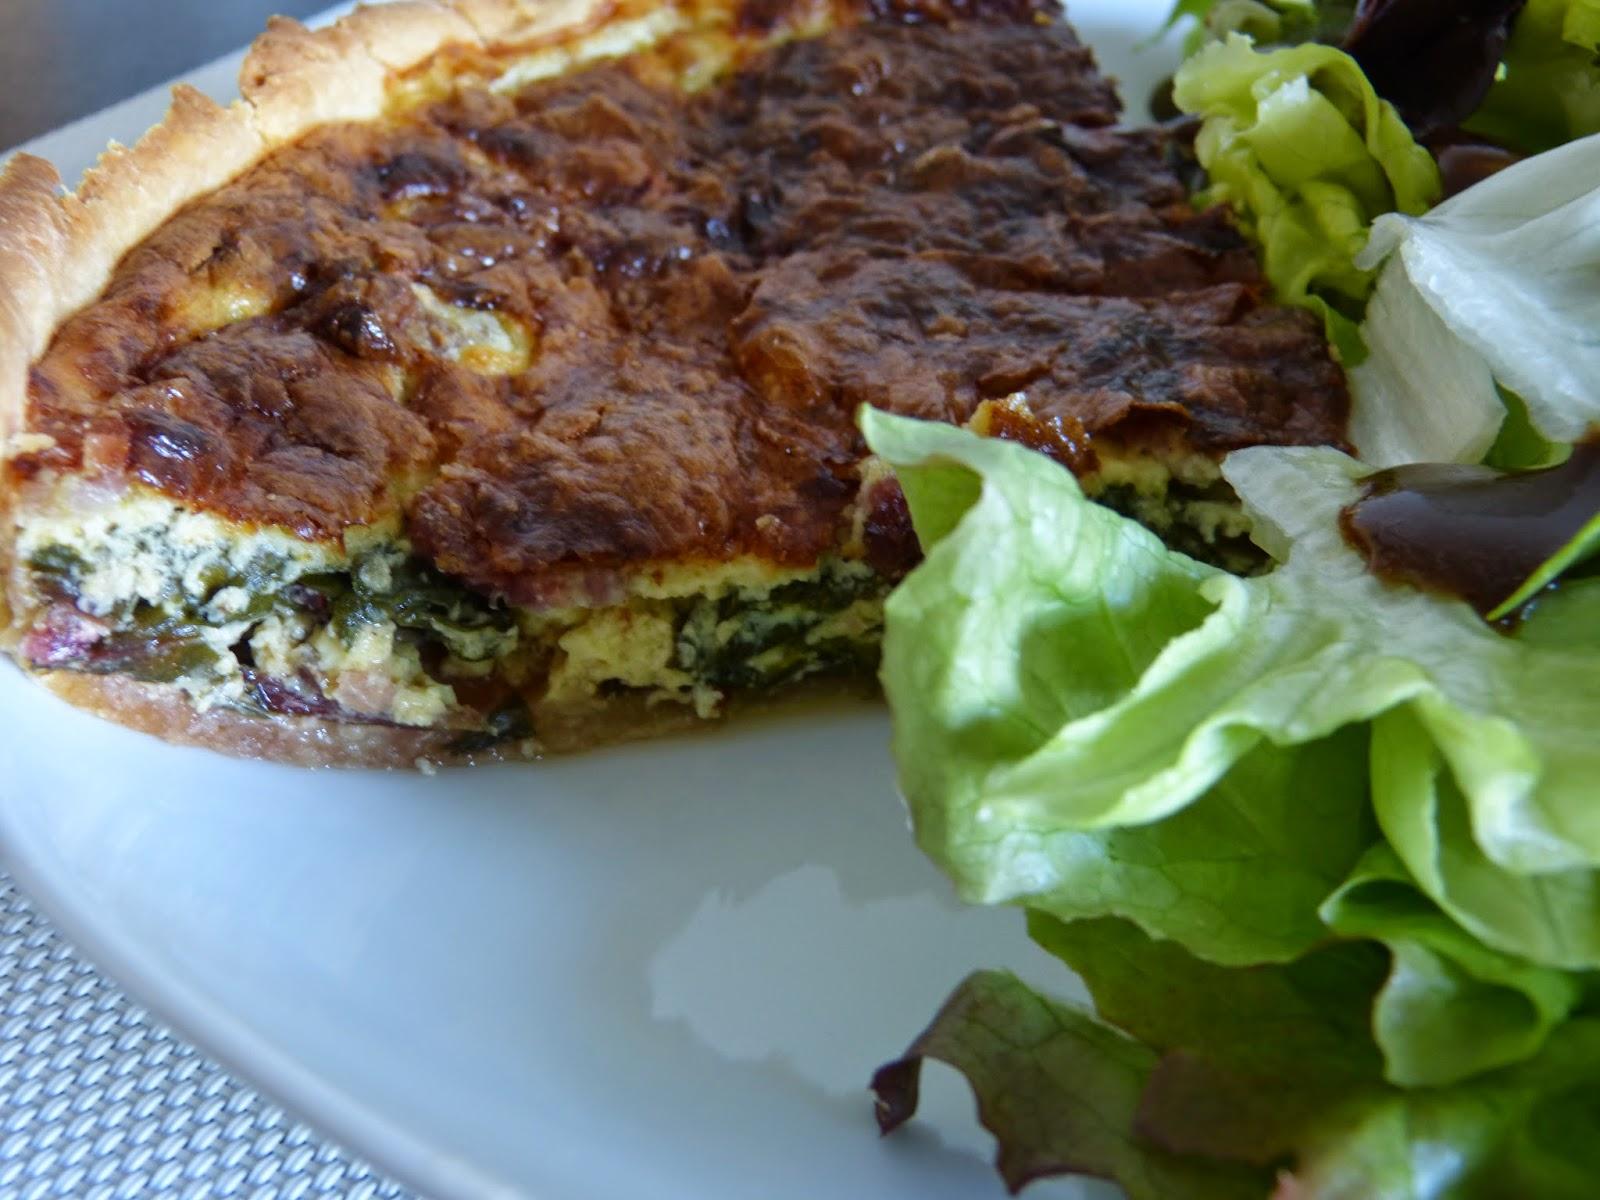 Mamzelle cuisine tarte aux fanes de betteraves - Cuisiner les betteraves ...